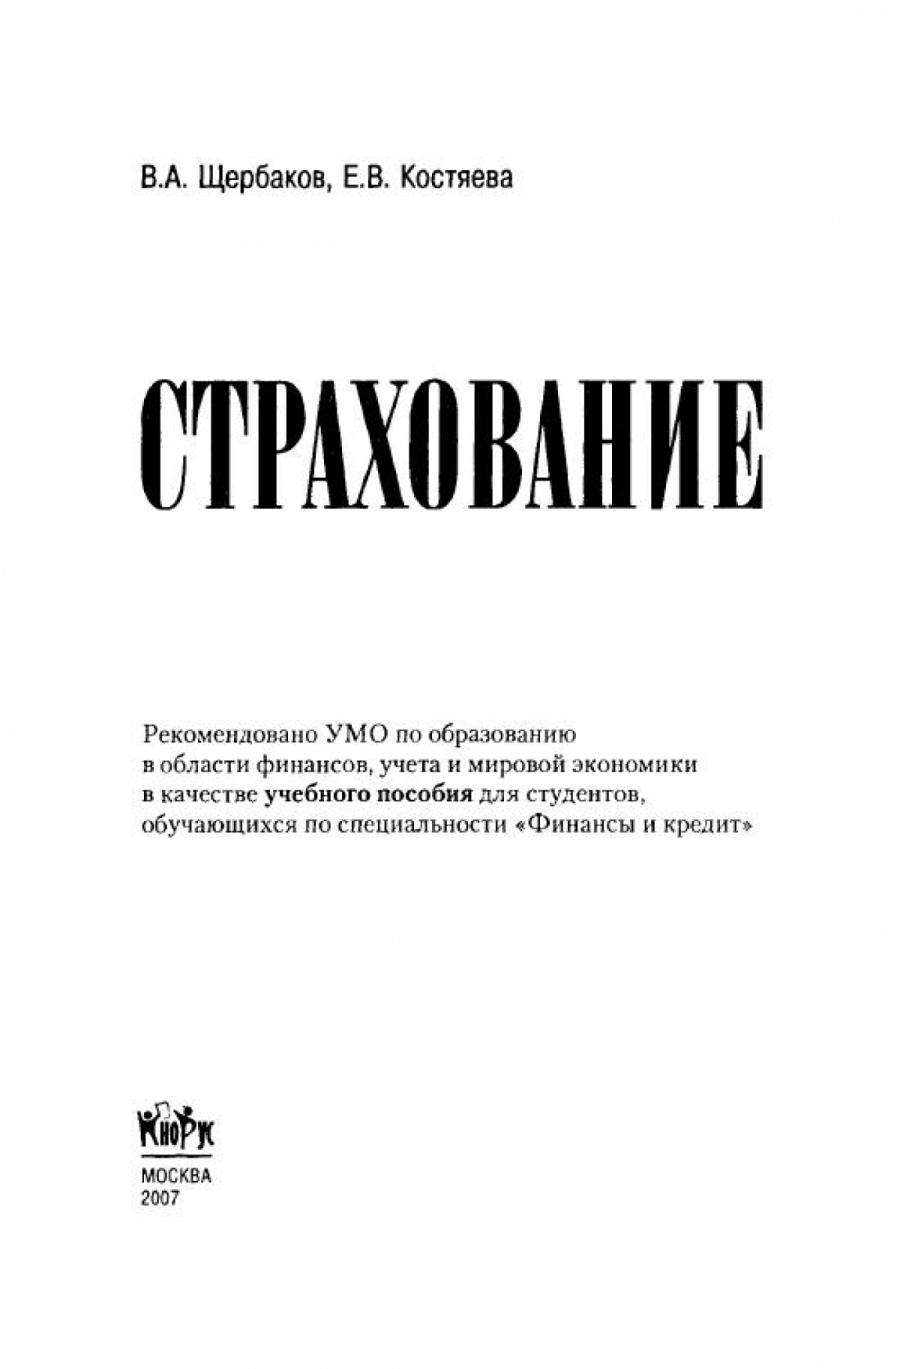 Обложка книги:  щербаков в.а., костяева е.в. - страхование